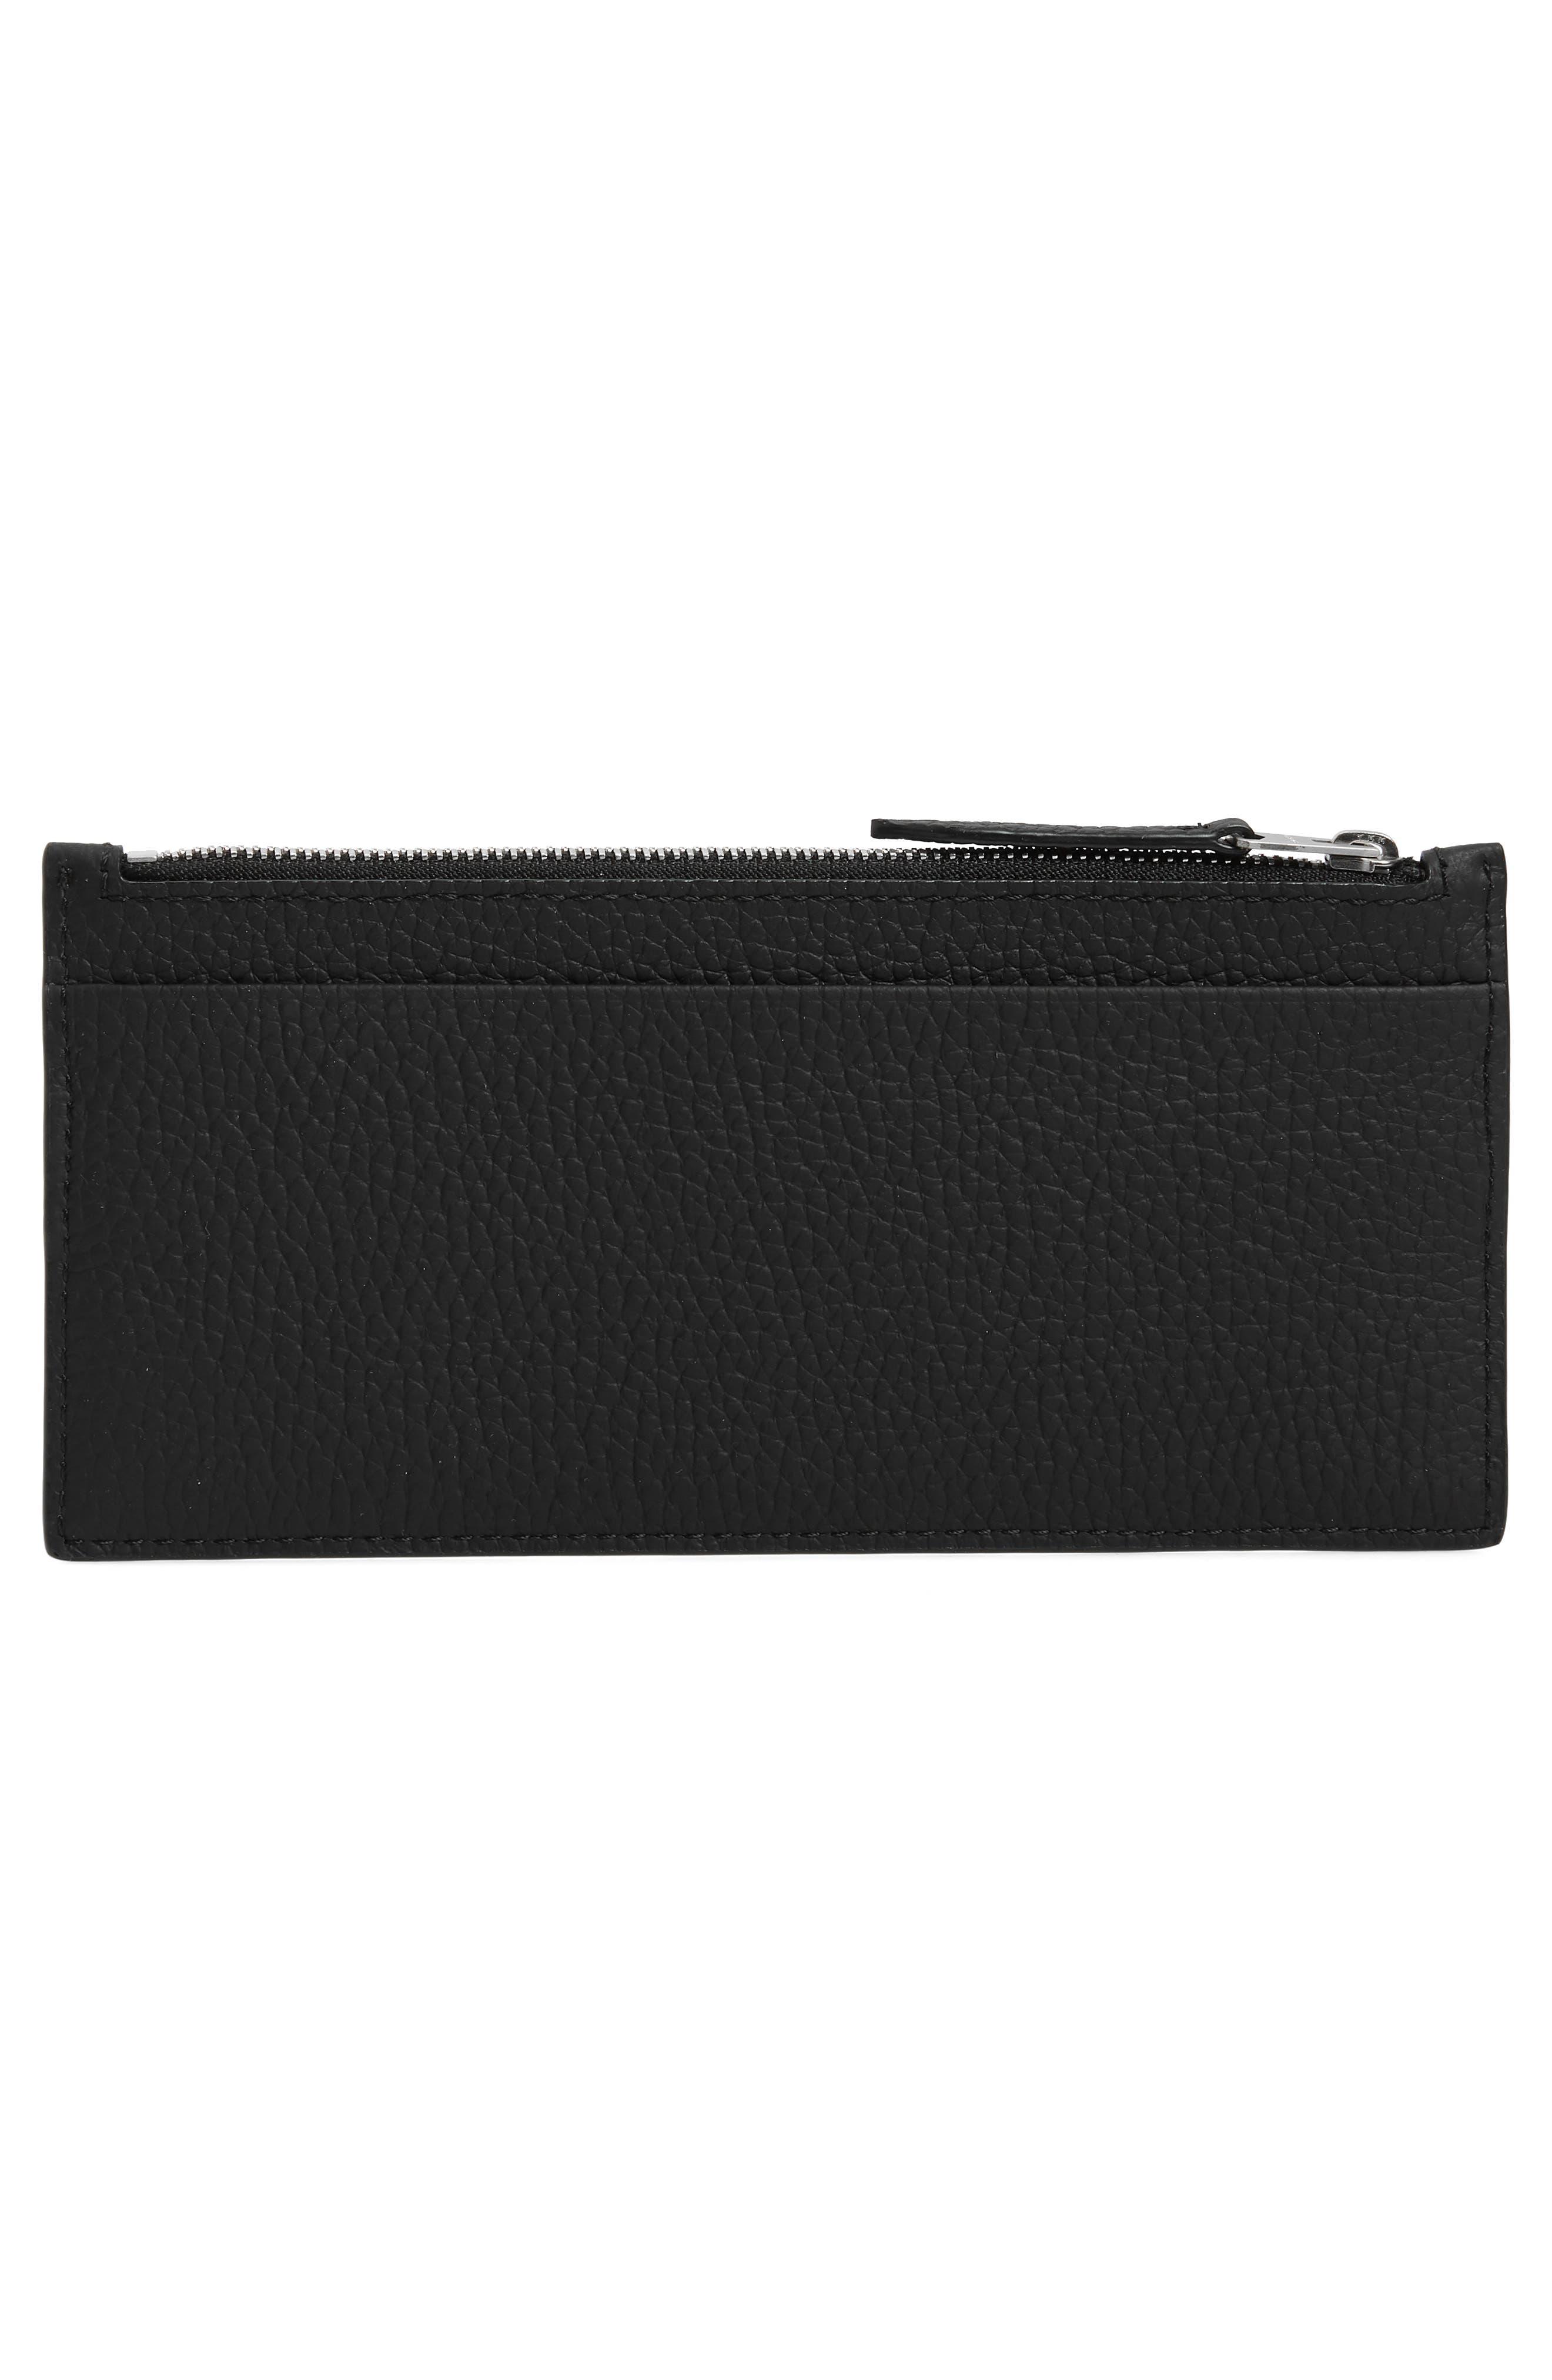 ALLSAINTS, Clip Lea Zip Leather Card Holder, Alternate thumbnail 2, color, BLACK